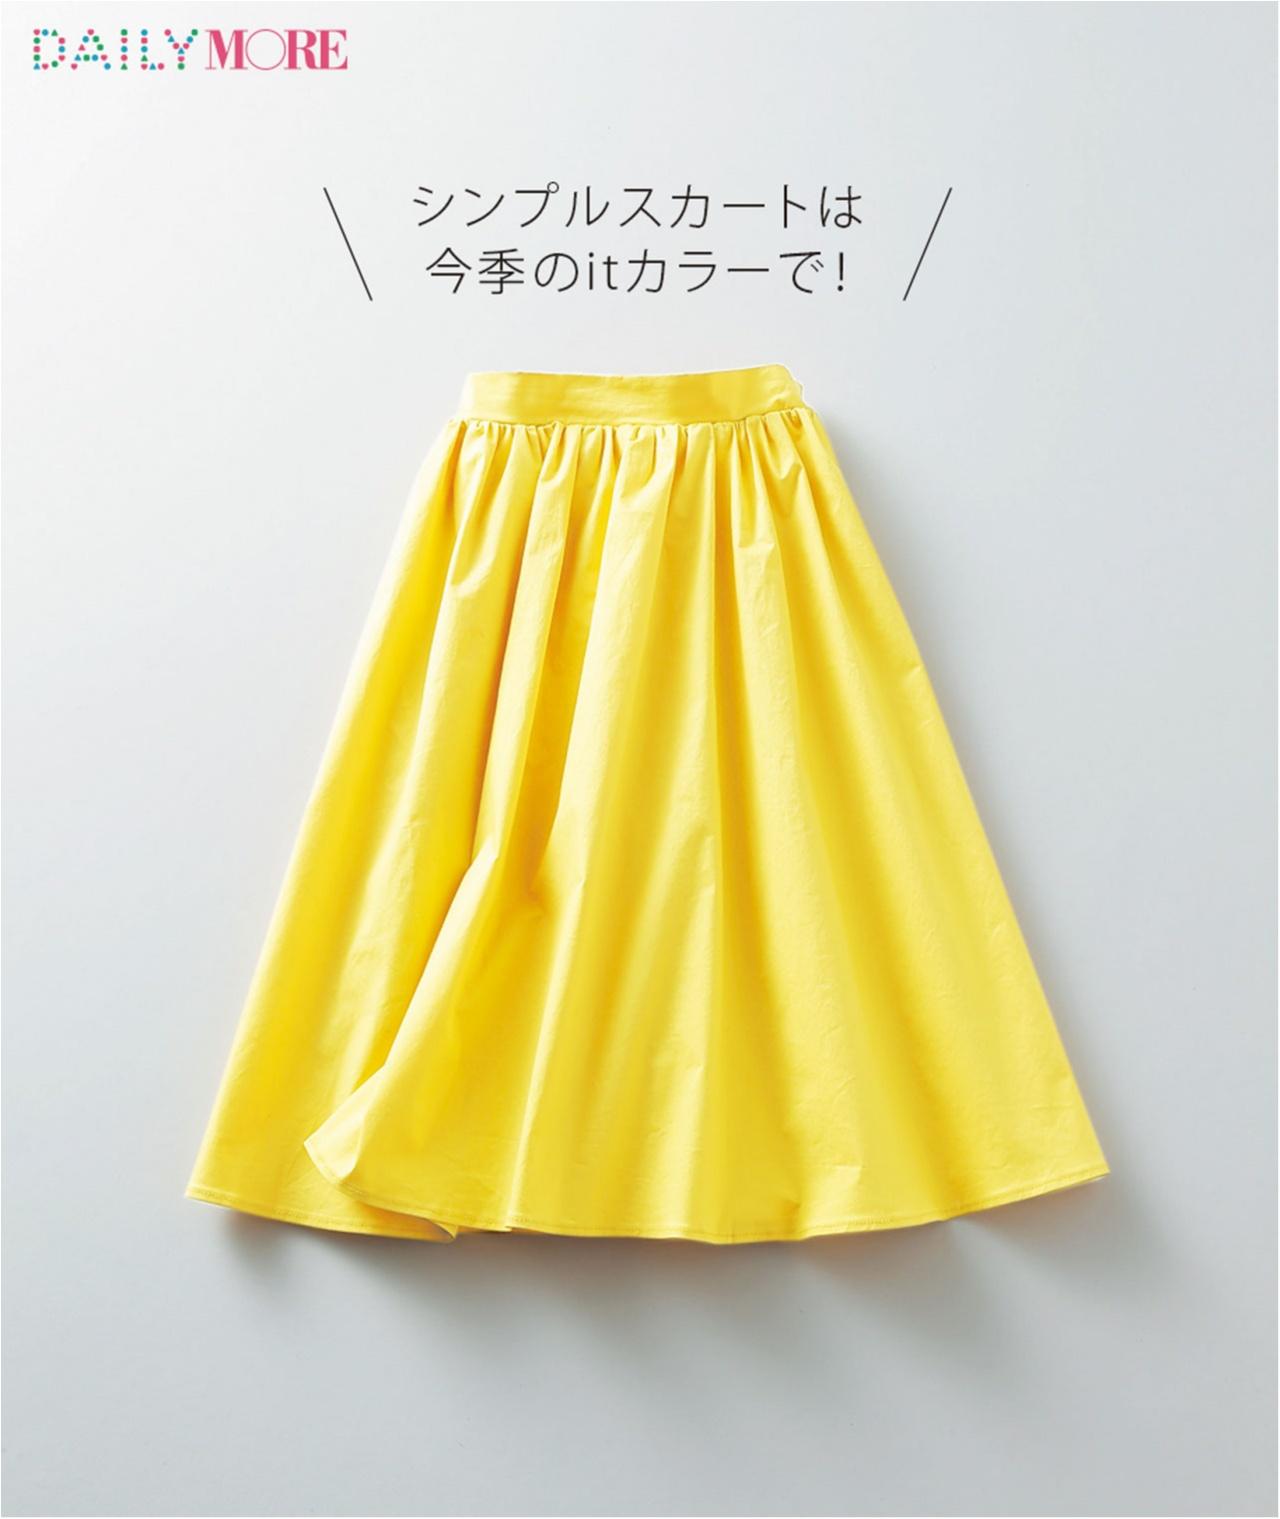 【追加生産も決定!】『Flower days』の新作を着ているとモテるらしい!?_3